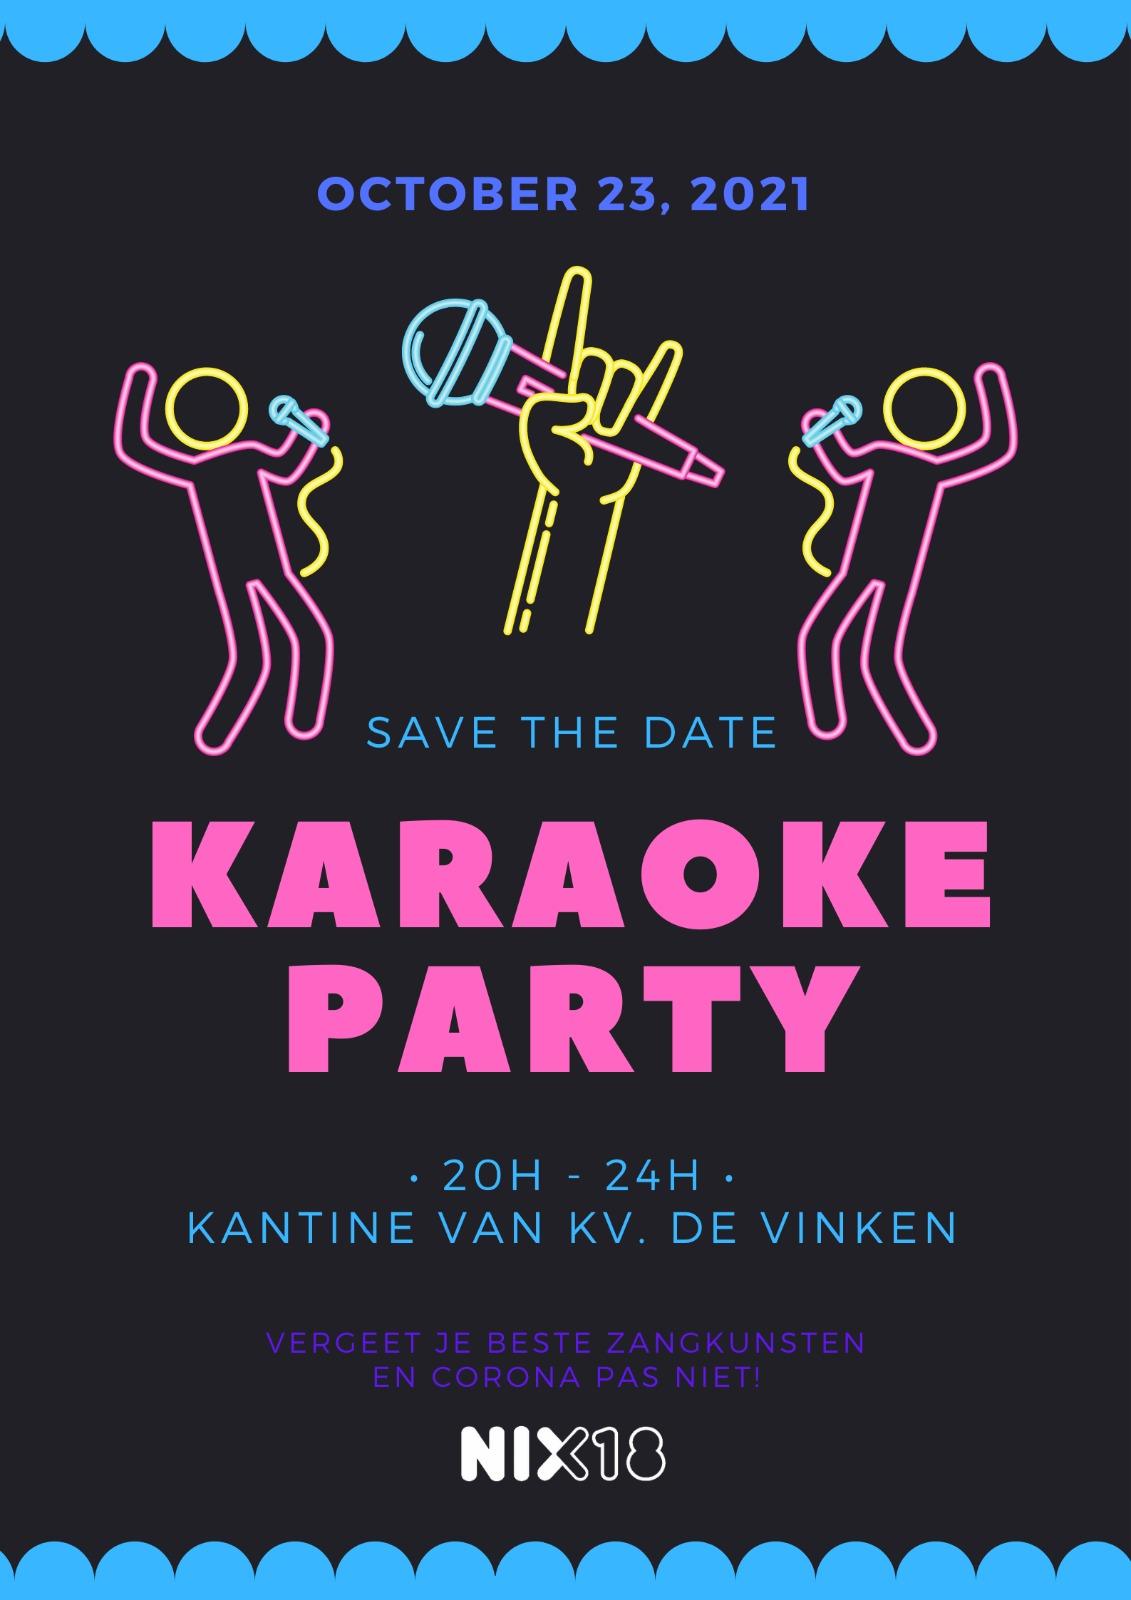 23 oktober KaraokeParty bij KV De Vinken!